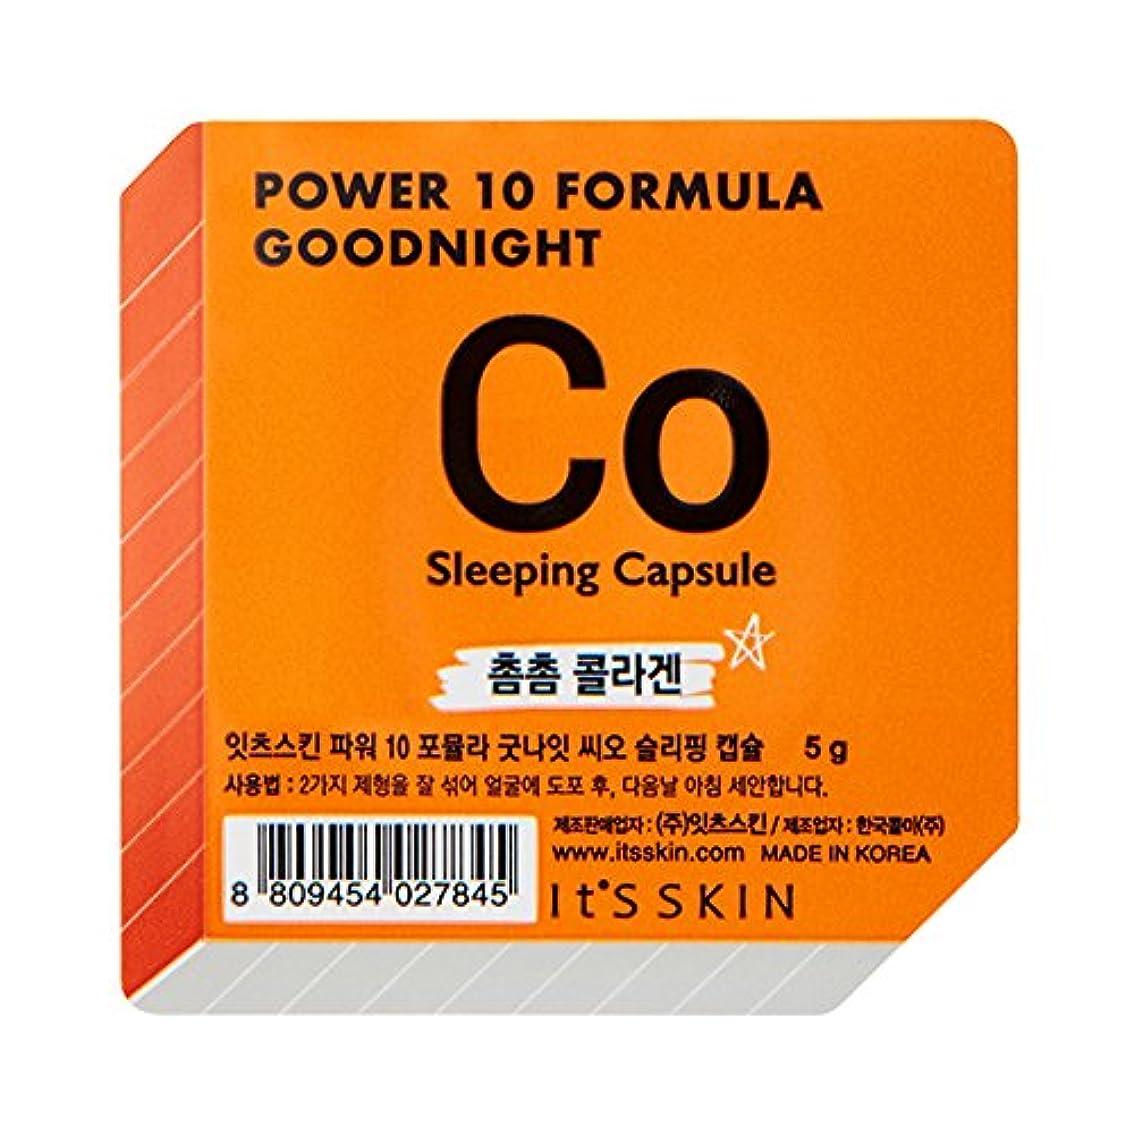 部門動修士号イッツスキン パワー10フォーミュラ #CO(弾力) グッドナイトスリーピングカプセル 5g×2個セット/It's skin Power10 Formula #CO Good Night Sleeping Capsule 5g×2EA